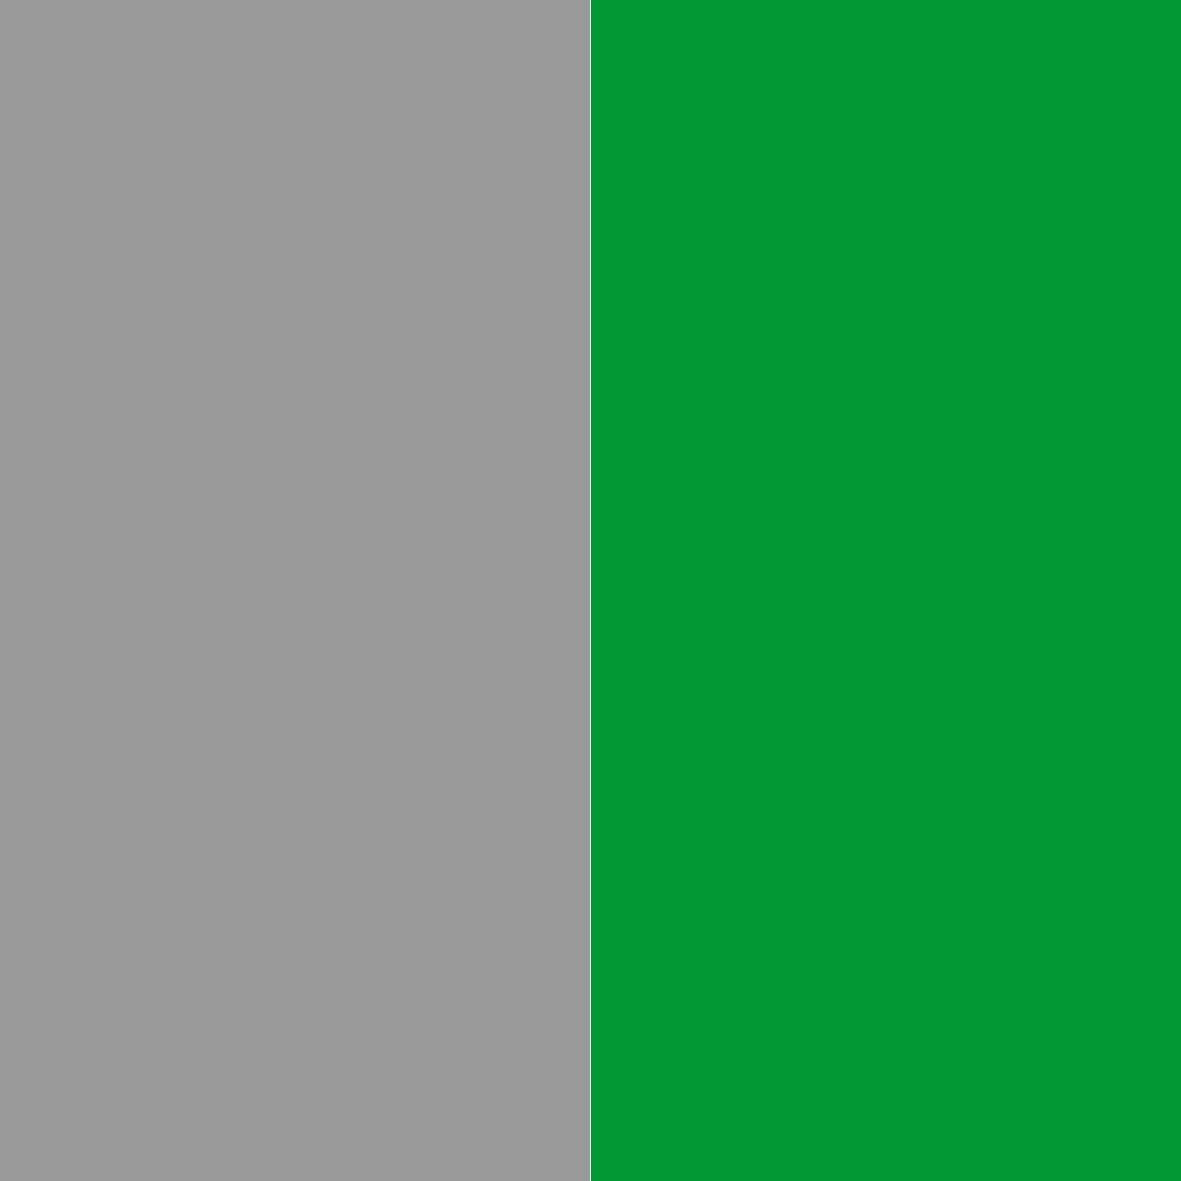 серый/зеленый_999999/009933